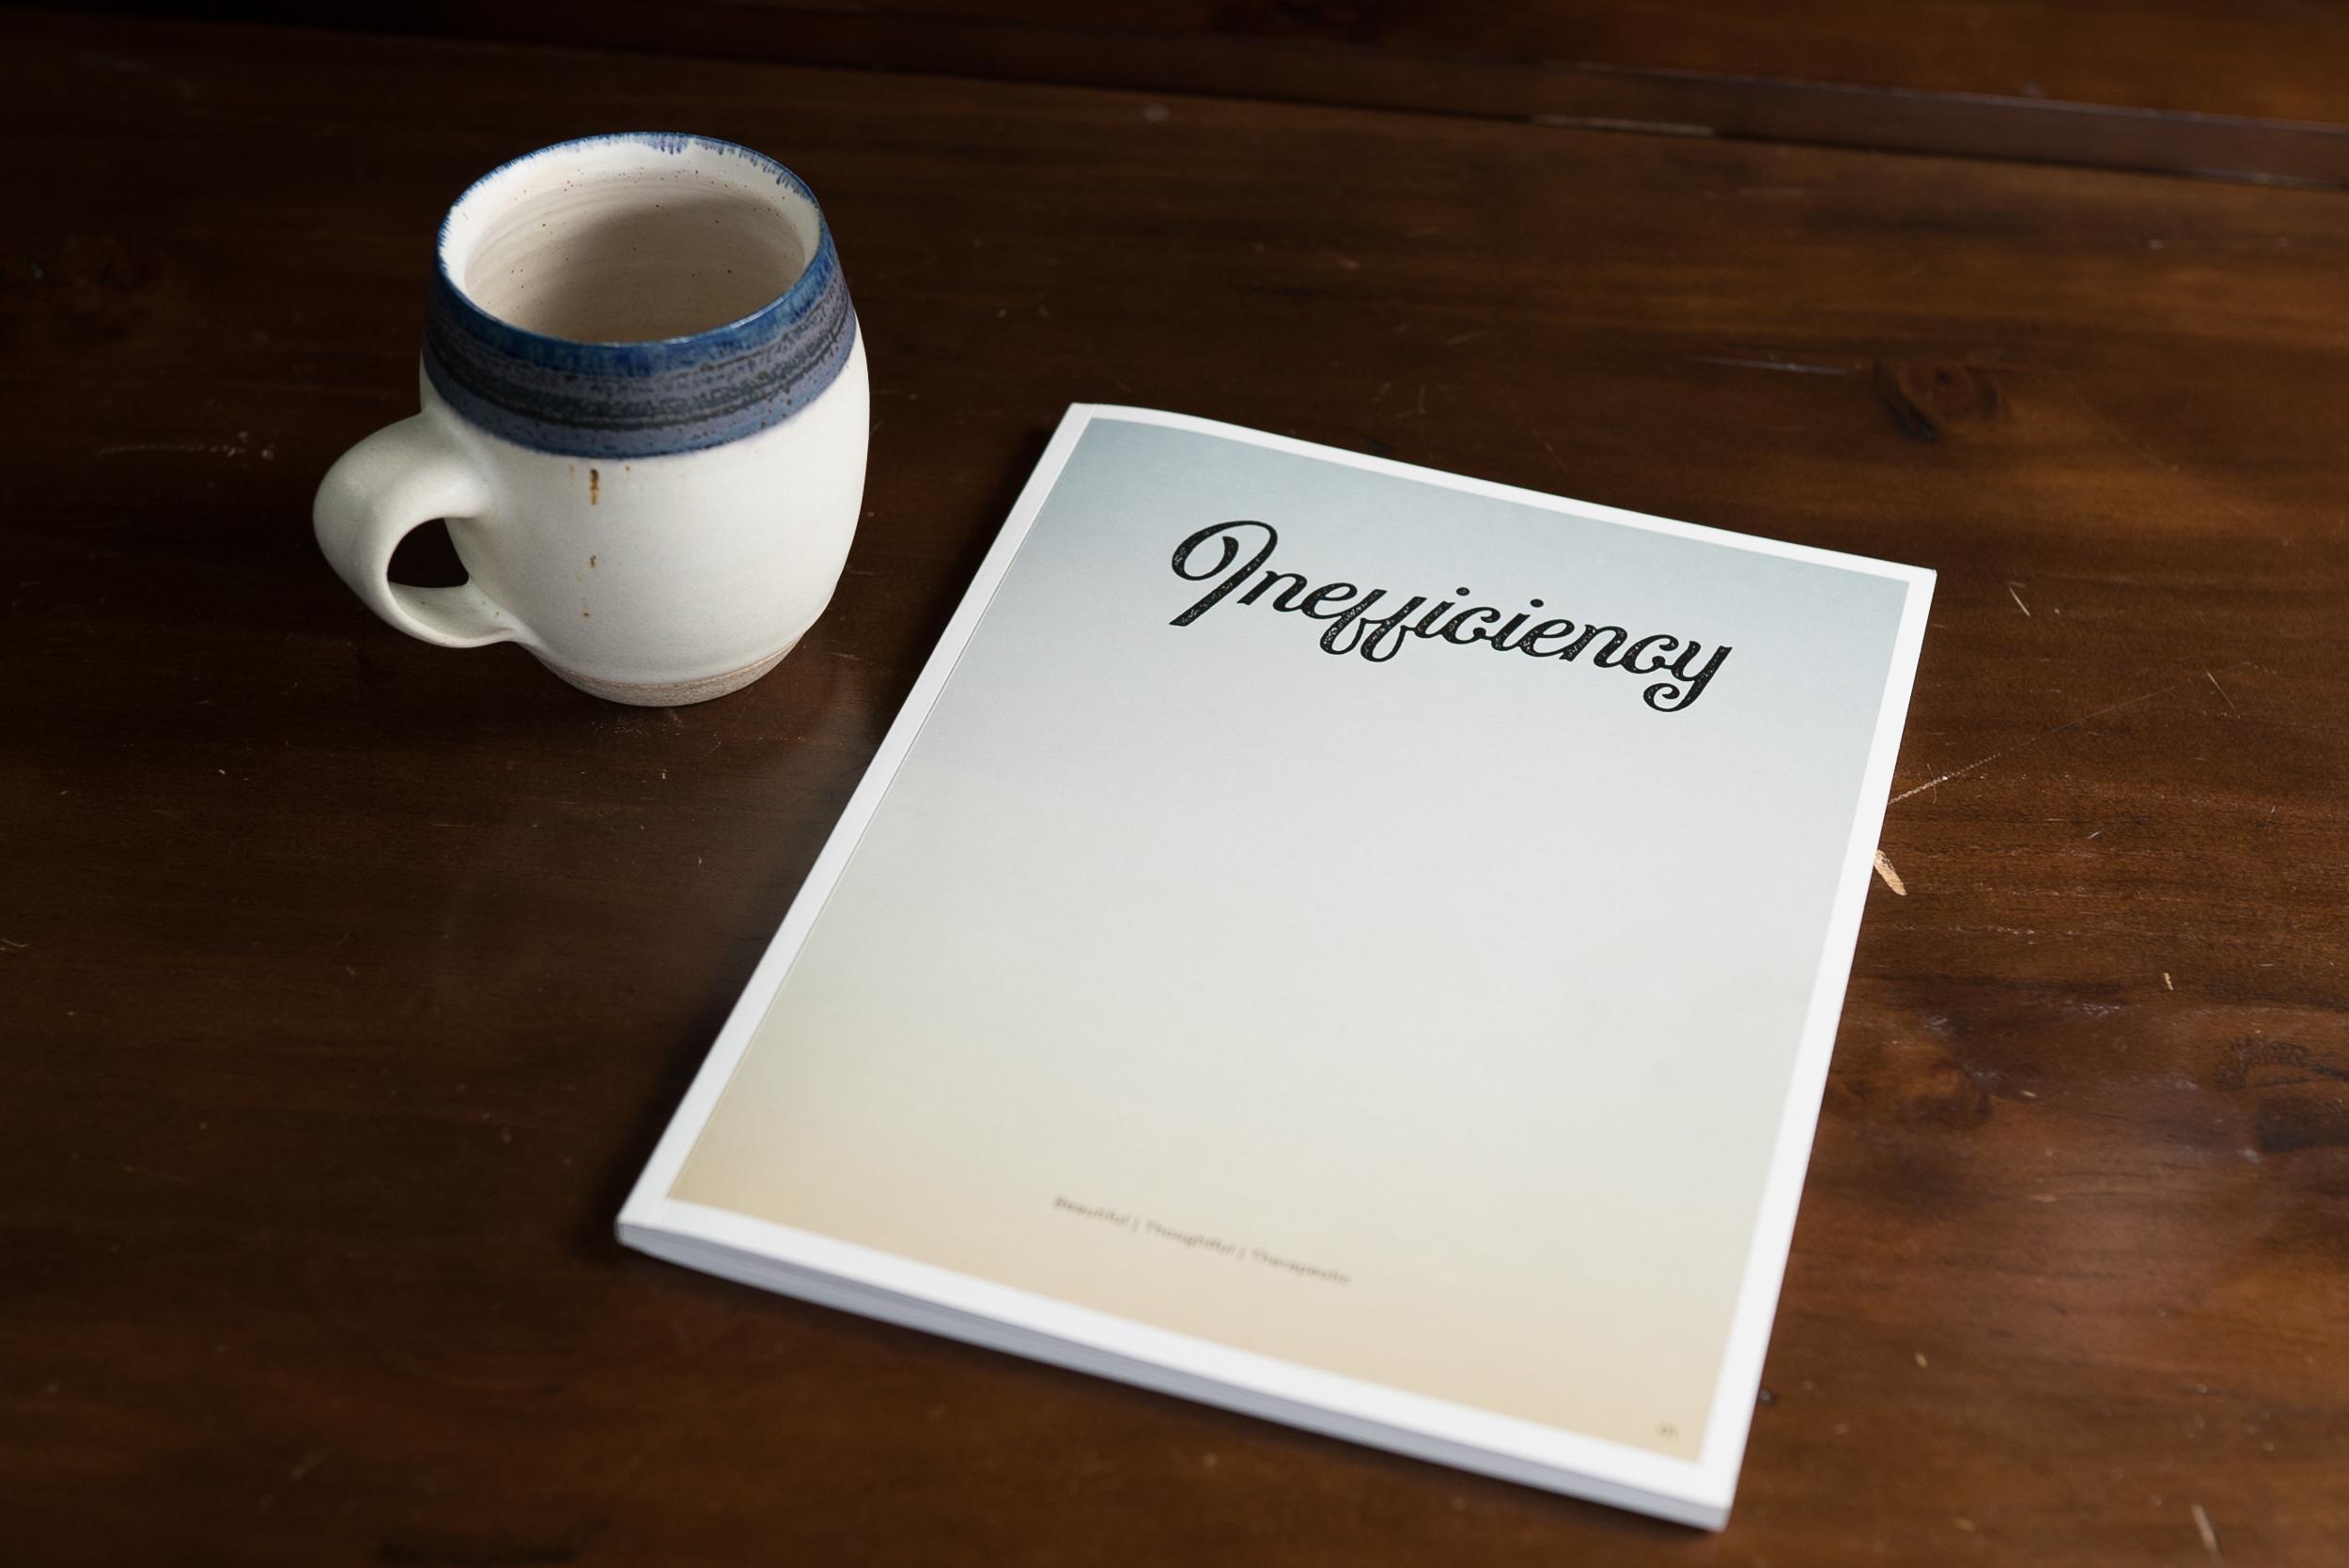 Inefficiency Magazine (1 of 6).jpg